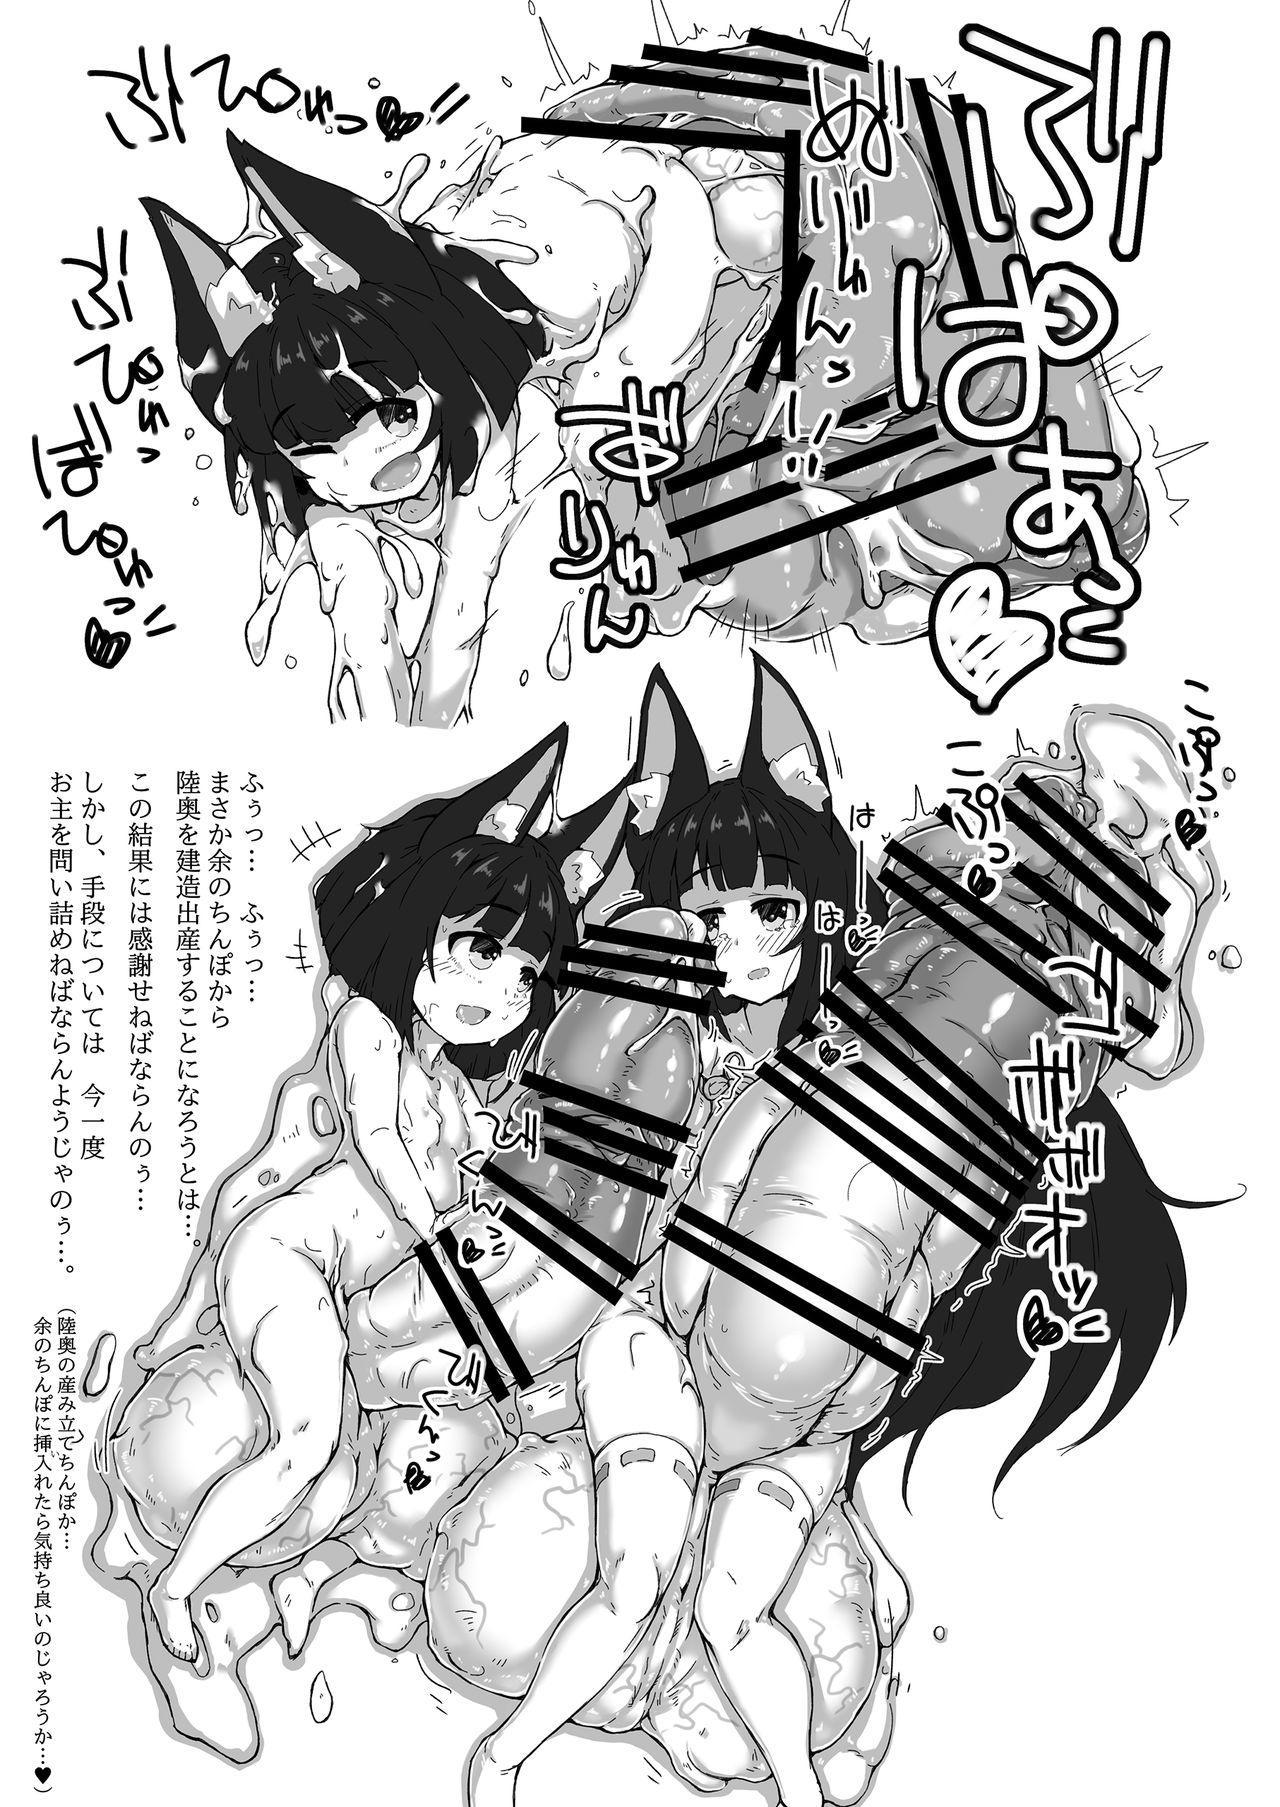 Futanari Kansen Hentai Seiko Report 21